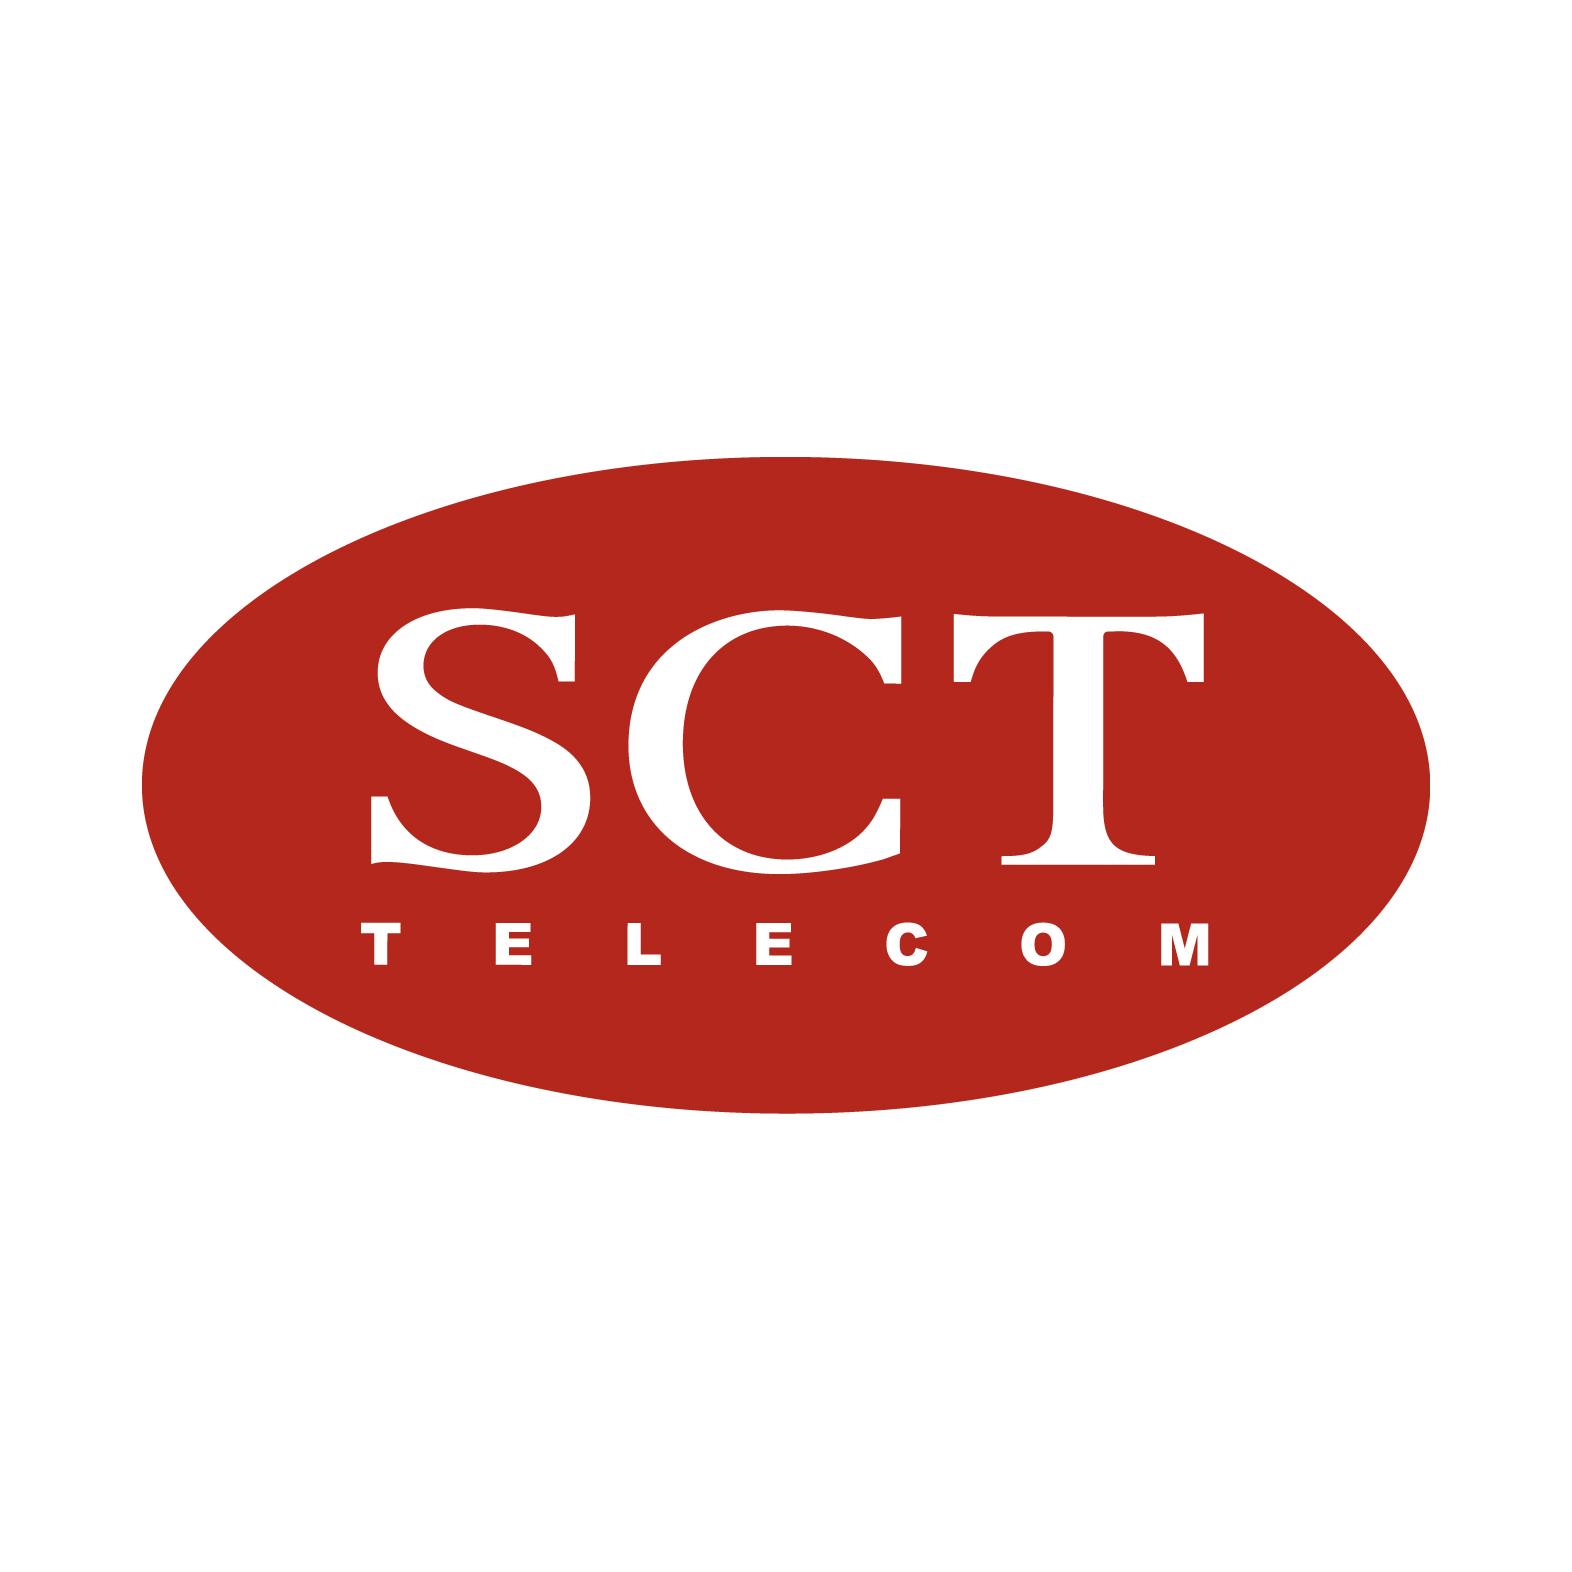 logo-SCT-red-2.jpg